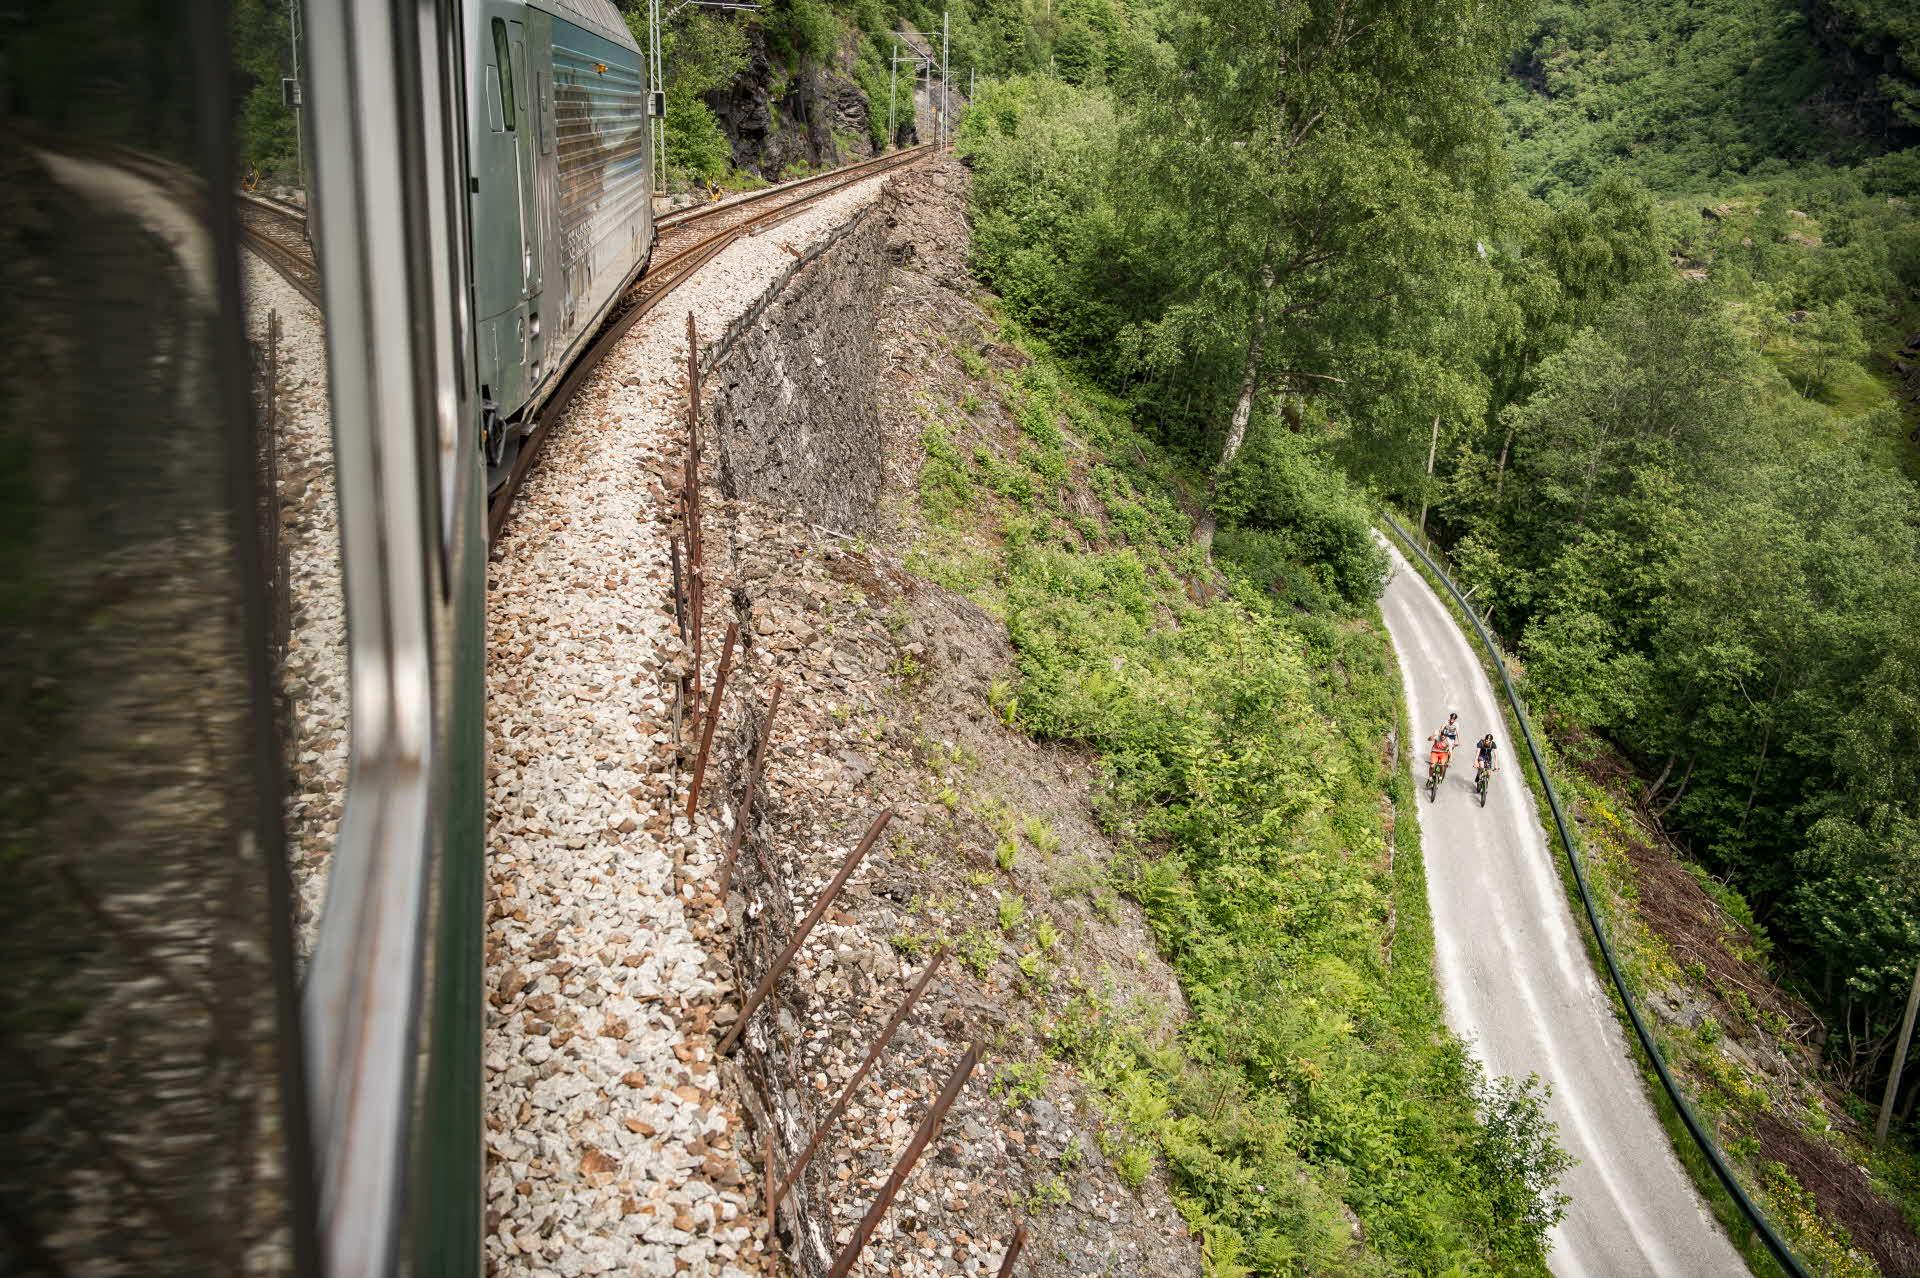 Обочина Фломской железной дороги, ниже два велосипедиста едут по Ралларвегену, вид из окна поезда